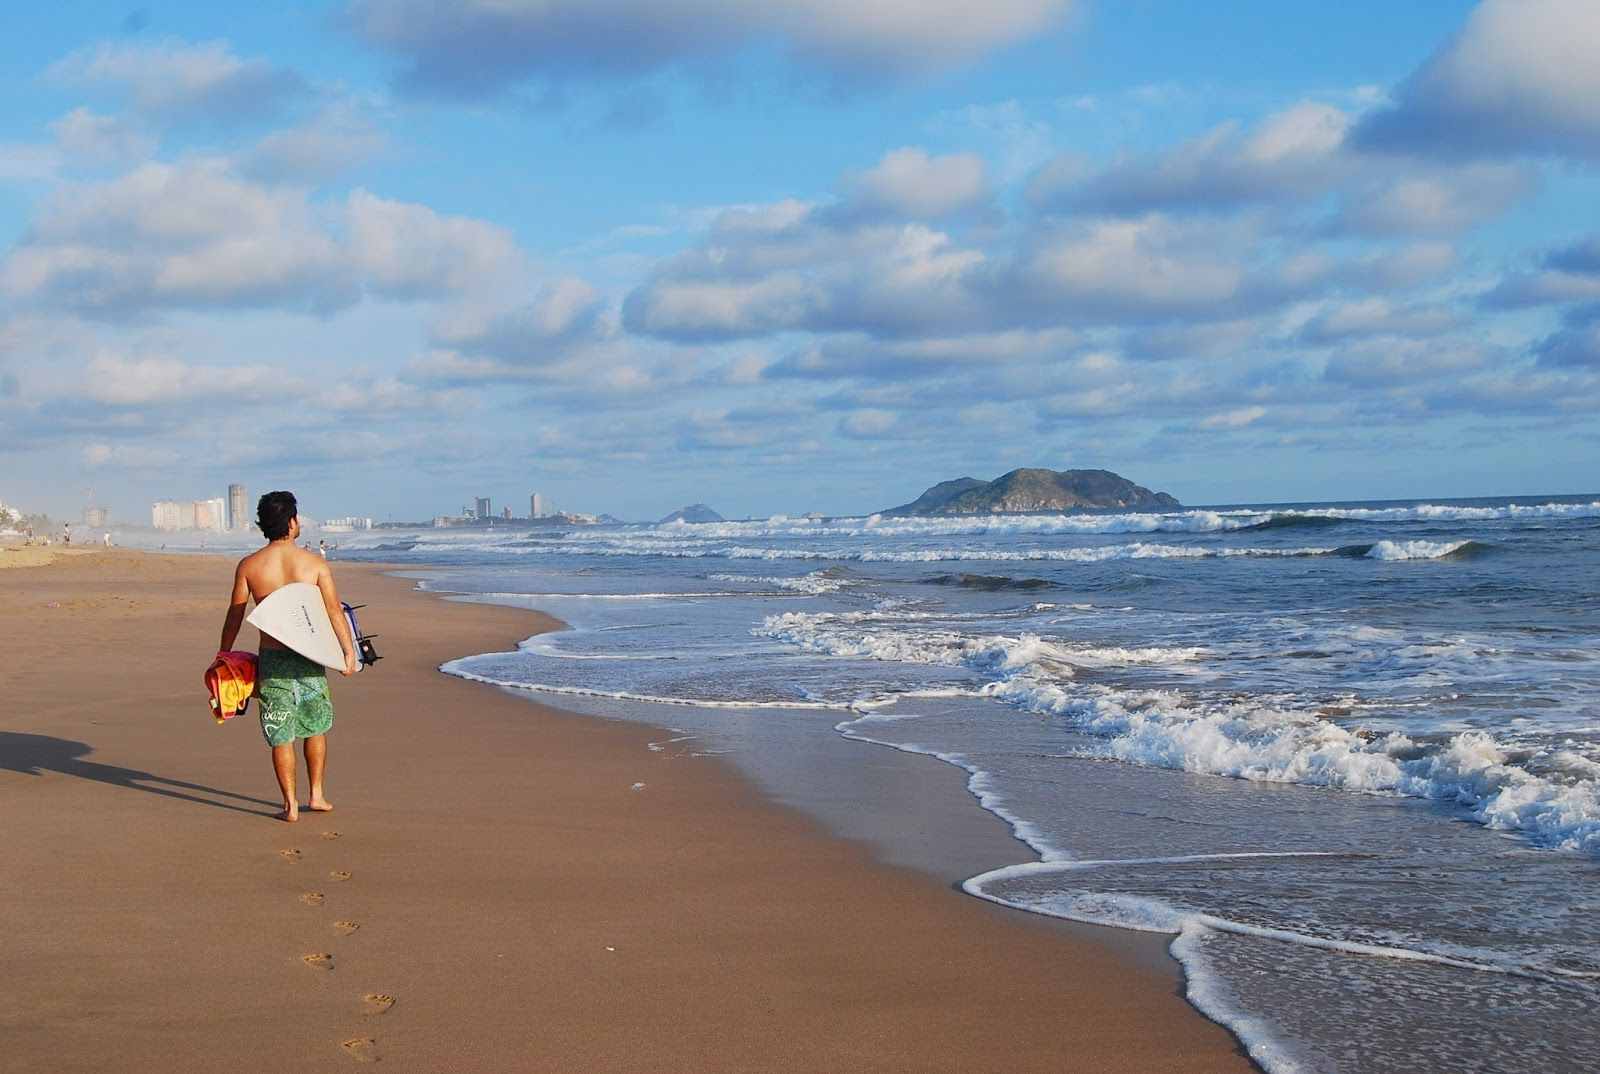 3 Razones por las que Mazatlán se consolida en el top 10 de destinos turísticos en México - ReporteLobby